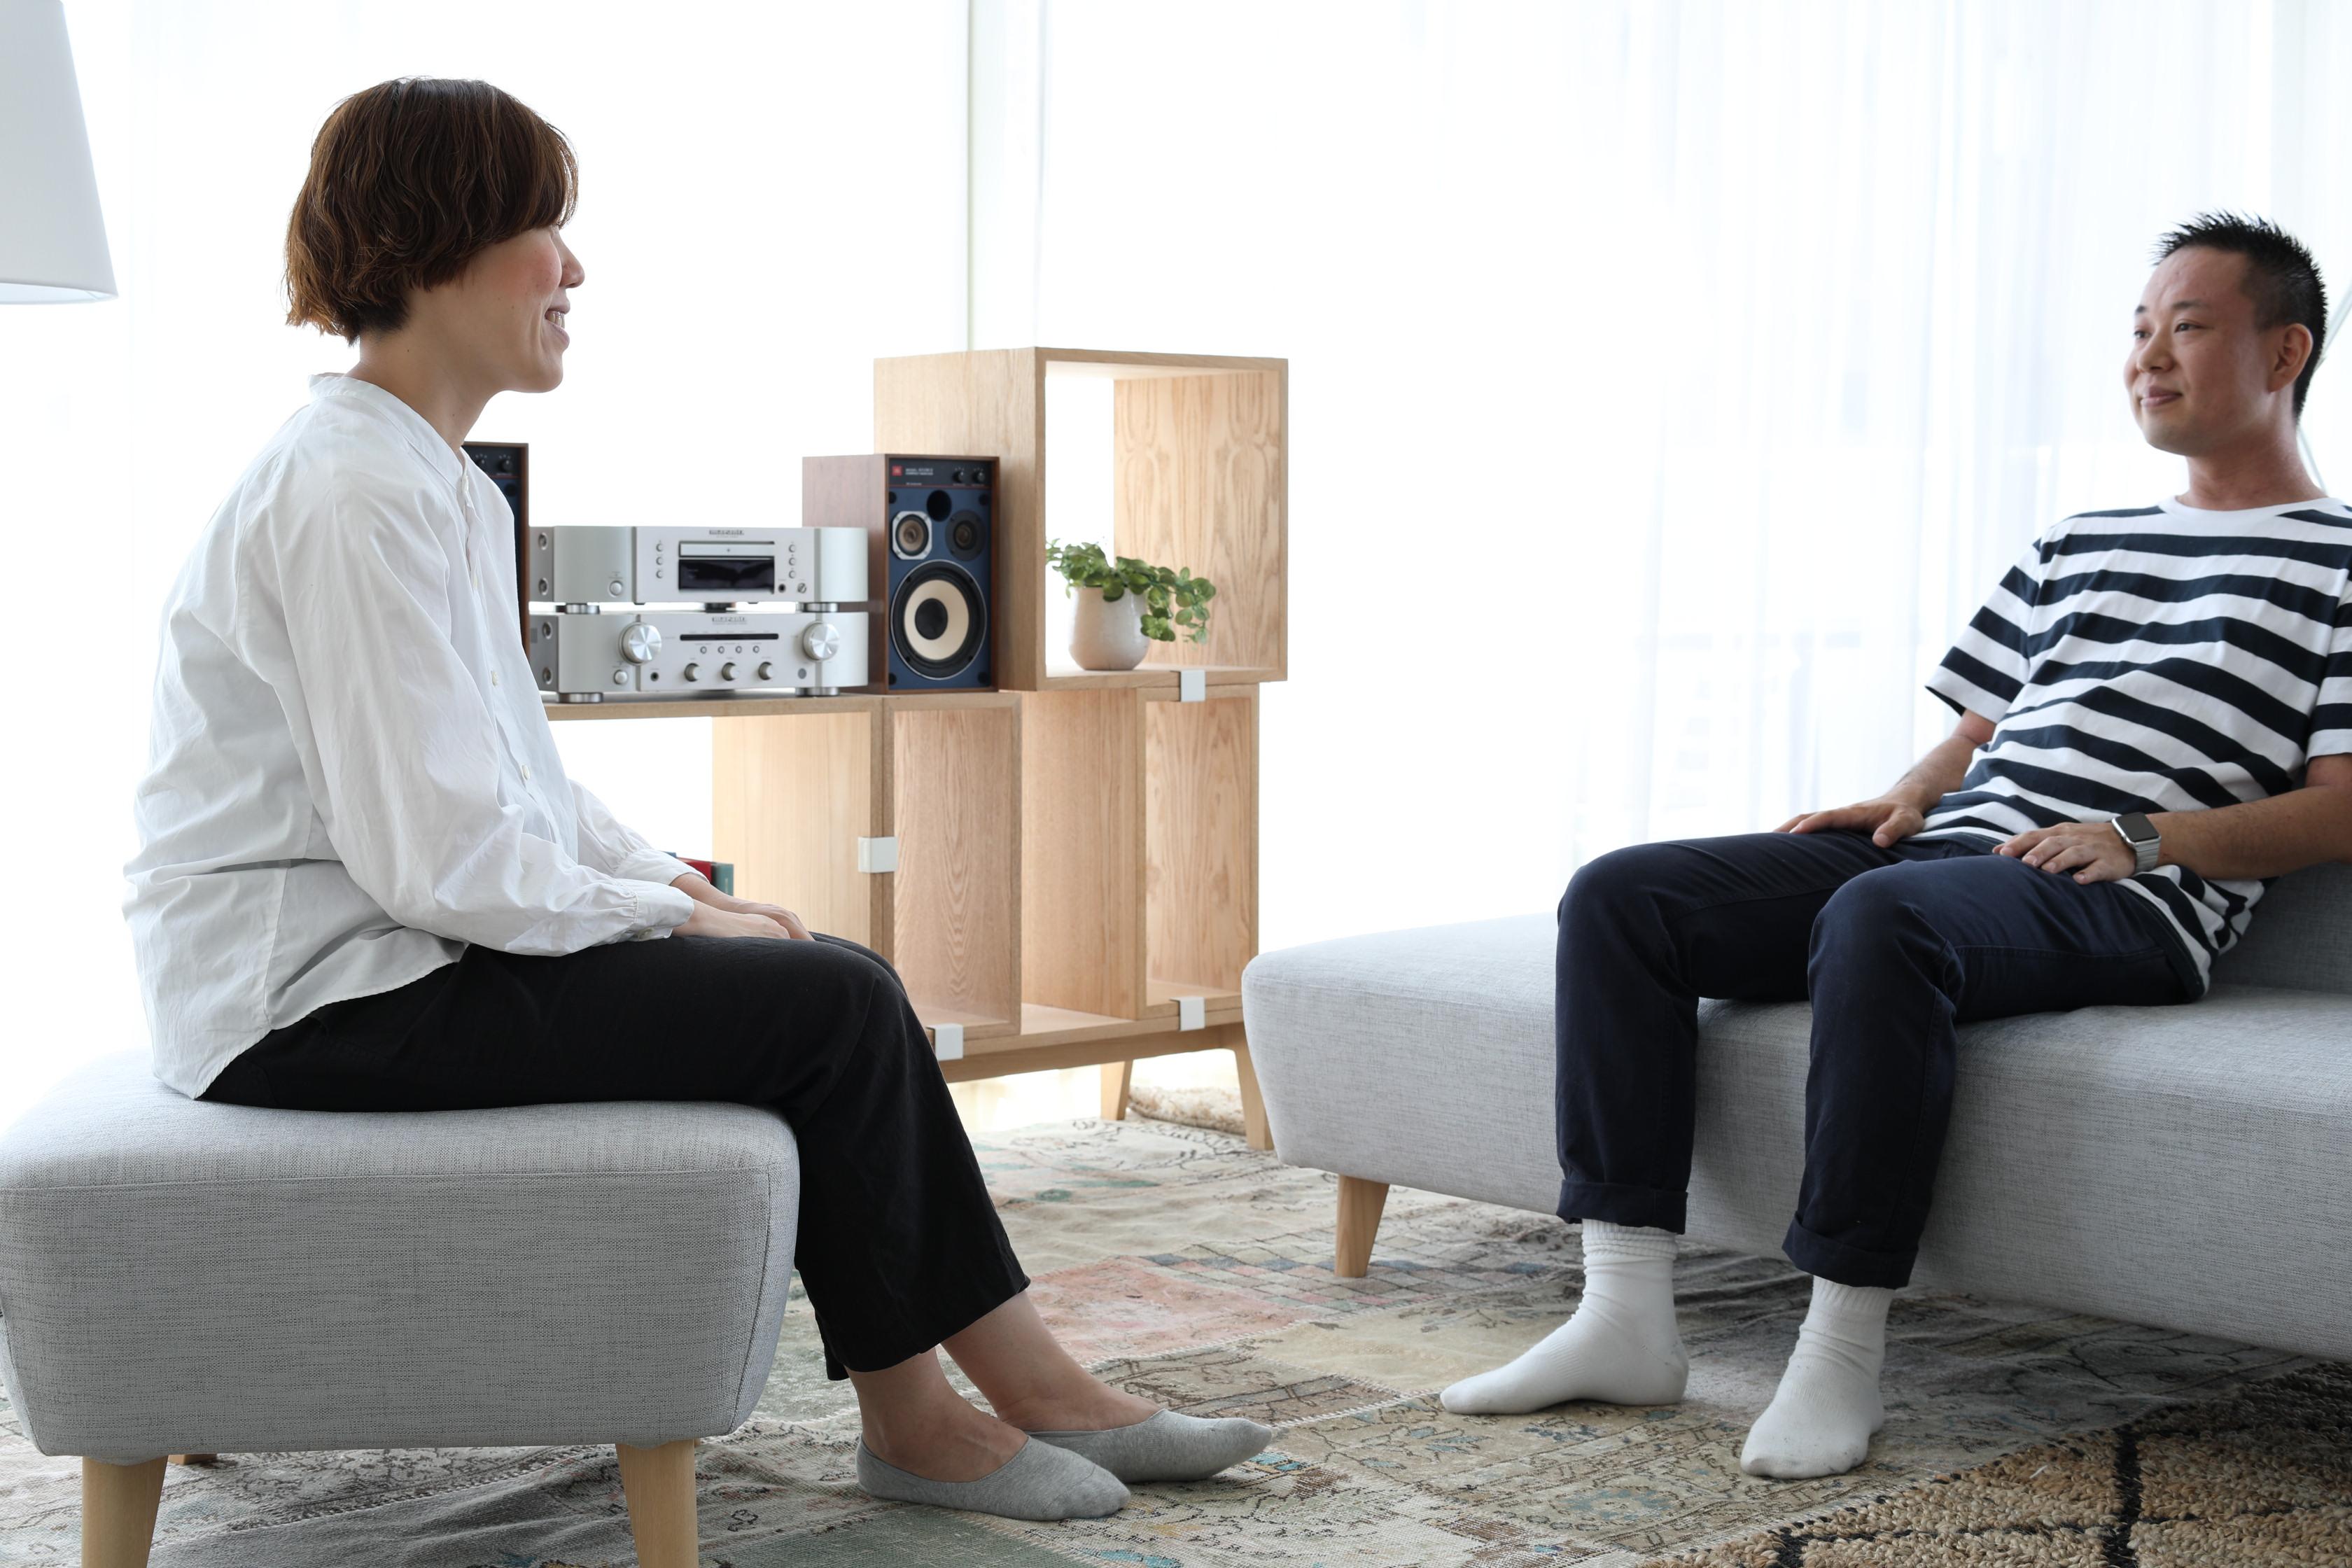 【プロが解説】手持ちのソファやくつろぎ方に合うオットマンの高さ選び